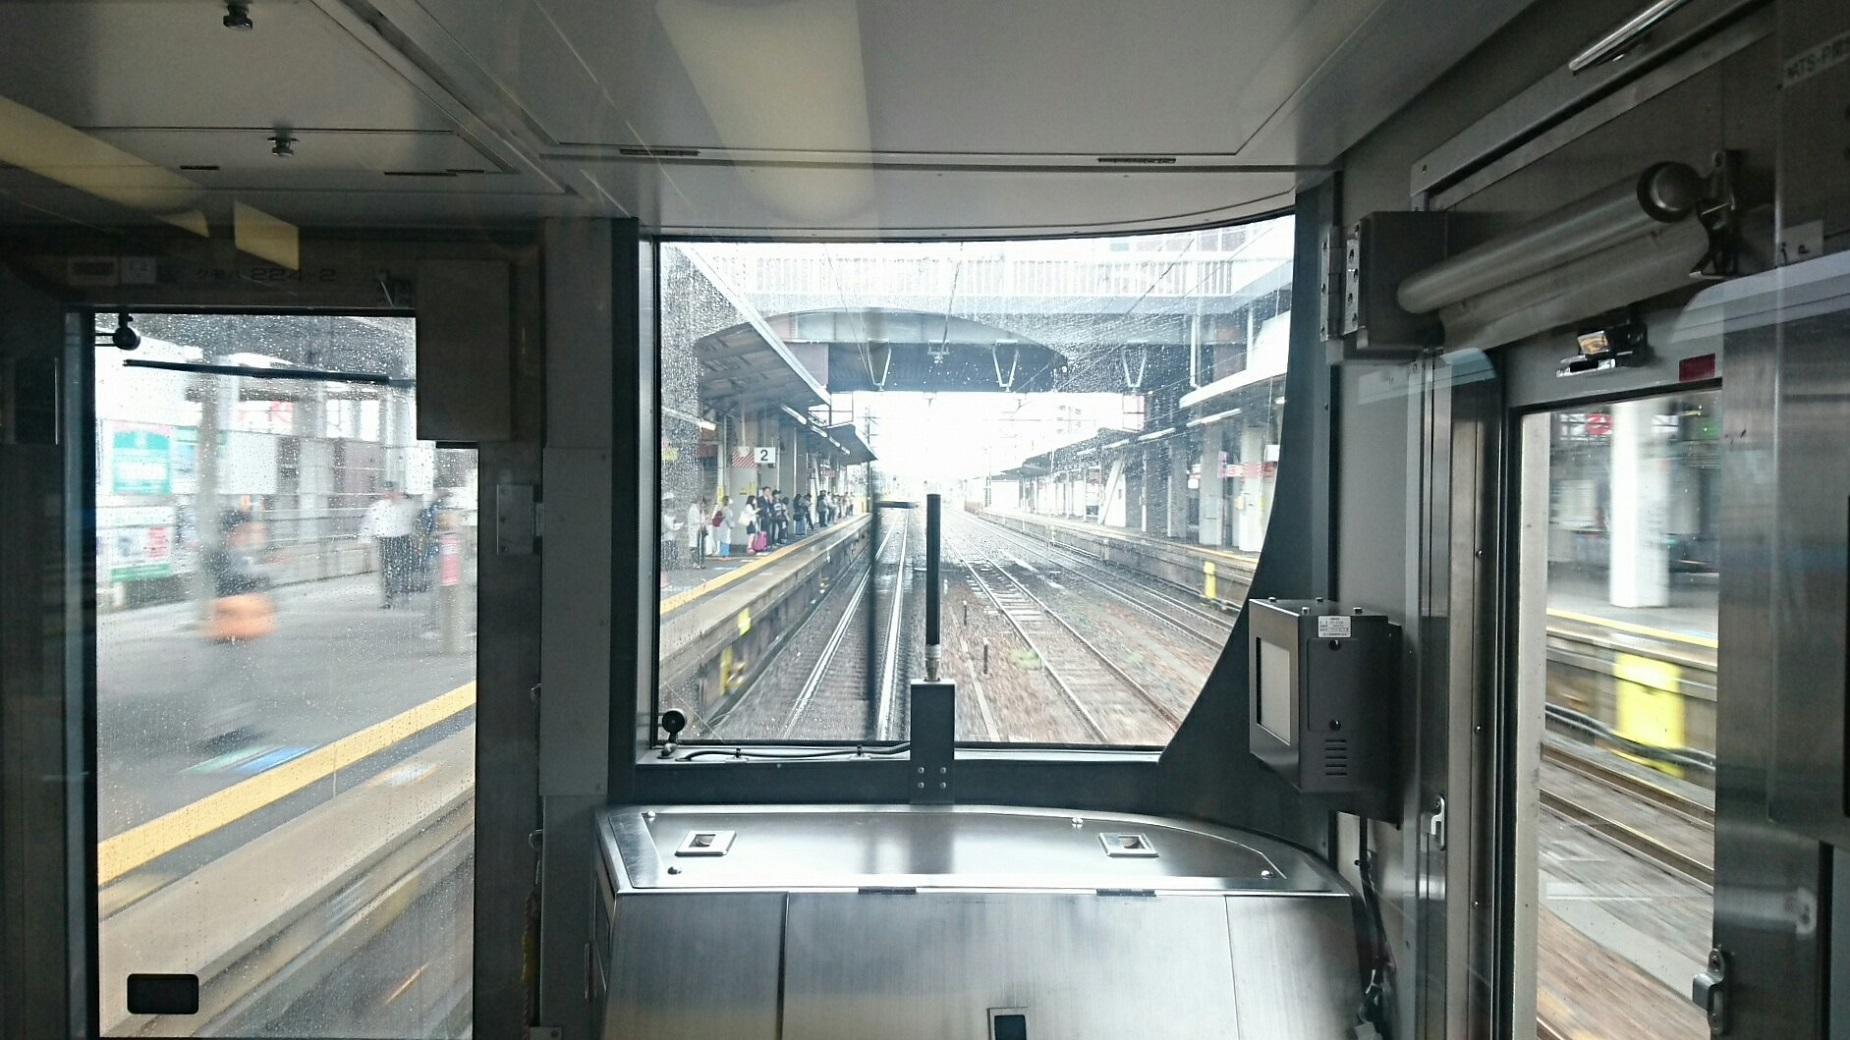 2017.10.7 近江八幡 (8) 姫路いき新快速 - 彦根 1850-1040